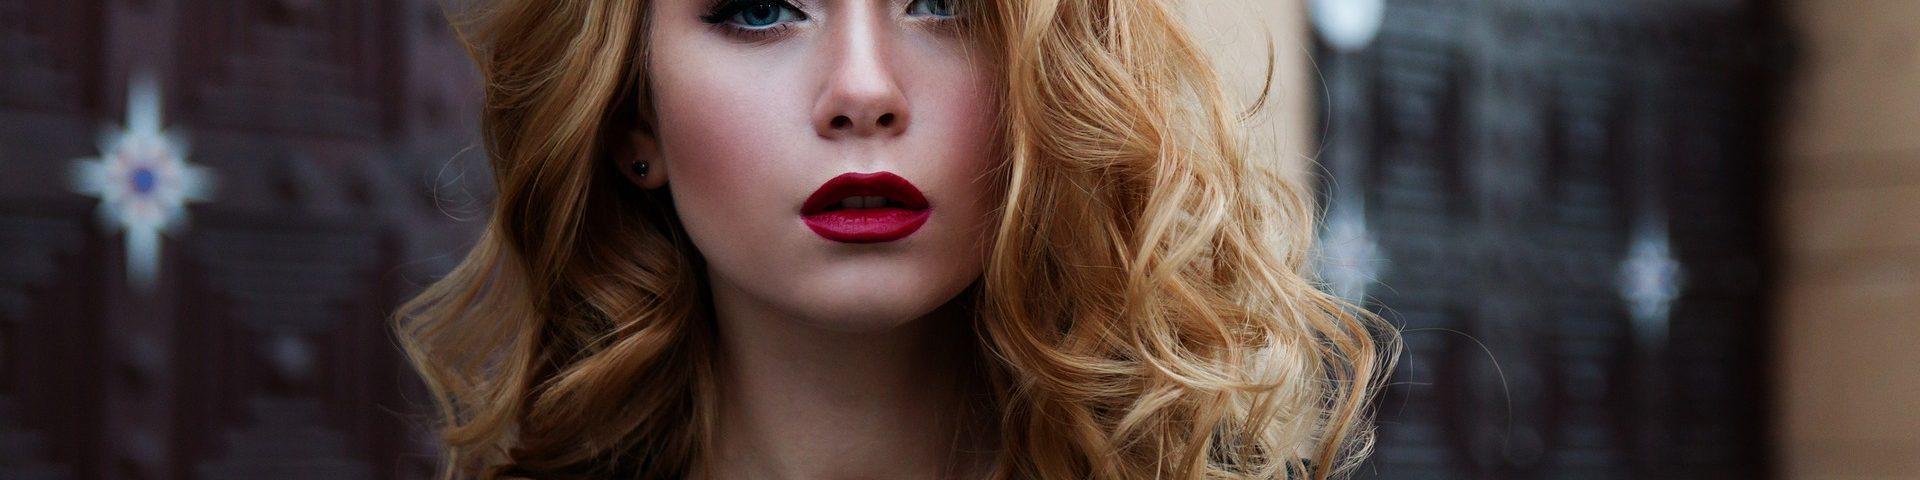 Medycyna estetyczna - sposób na polepszenie samopoczucia